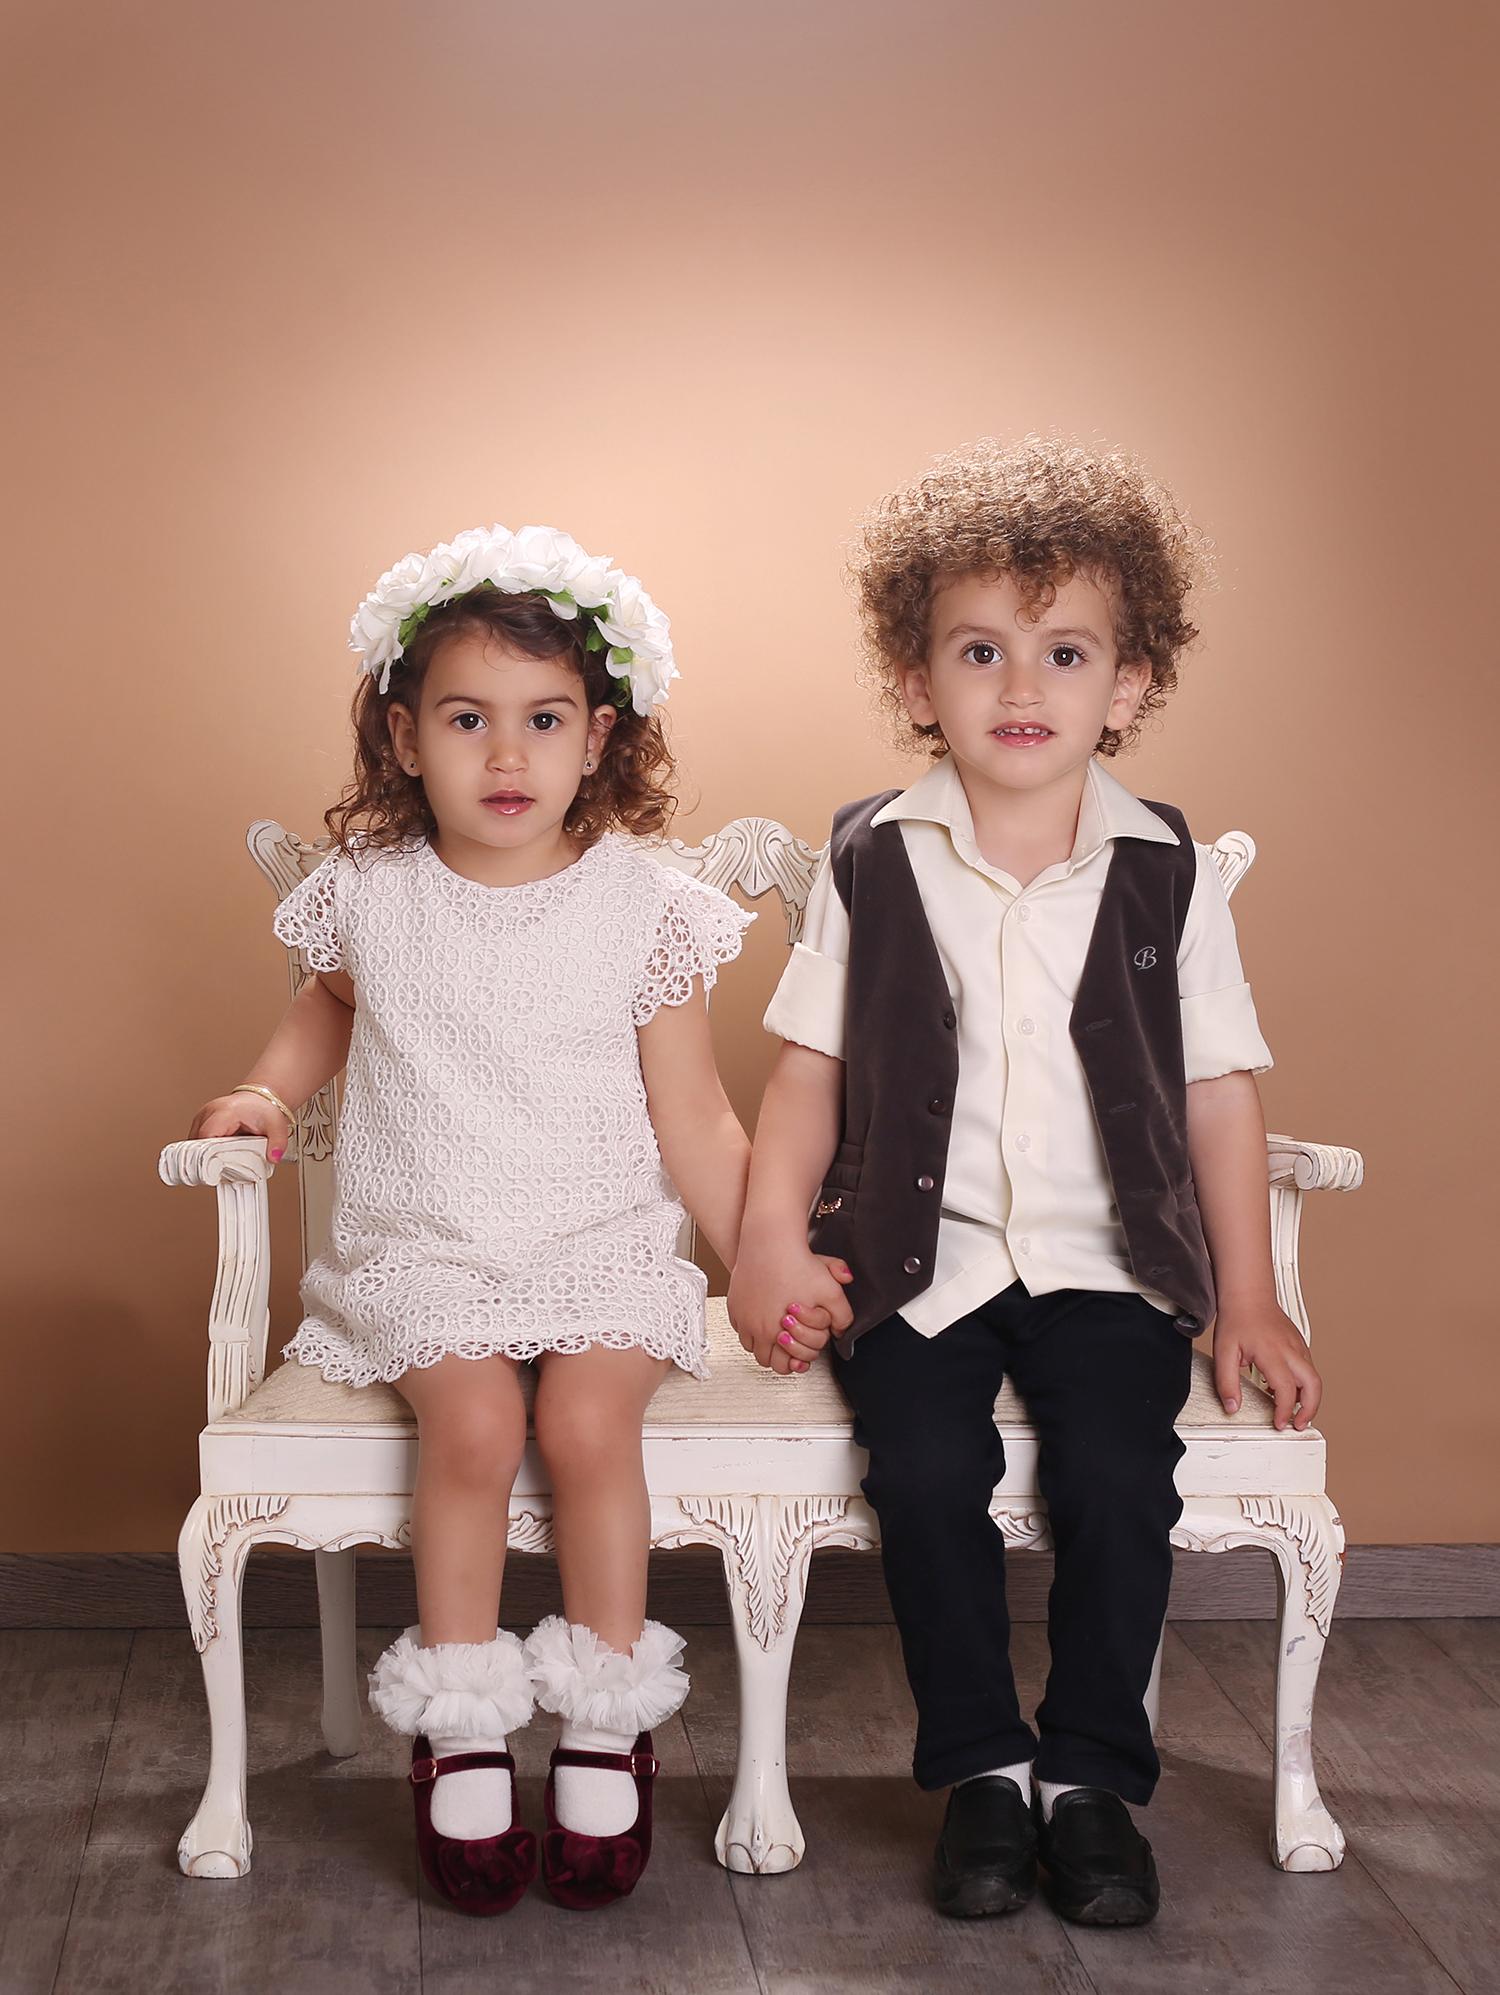 רות_נזרי_צילום_חלאקה_לתאומים